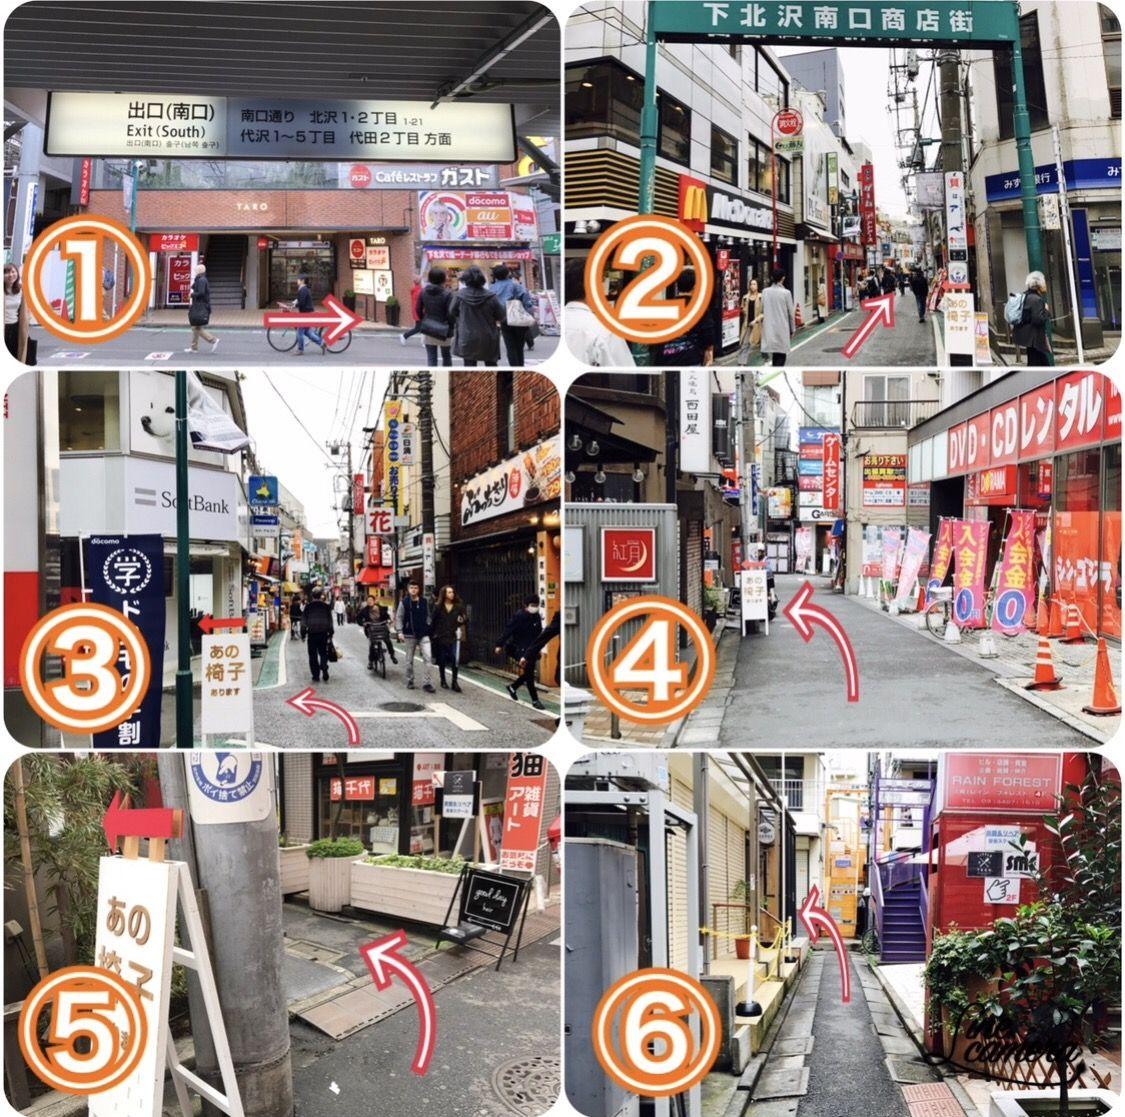 ルーツファクトリー東京店への道順